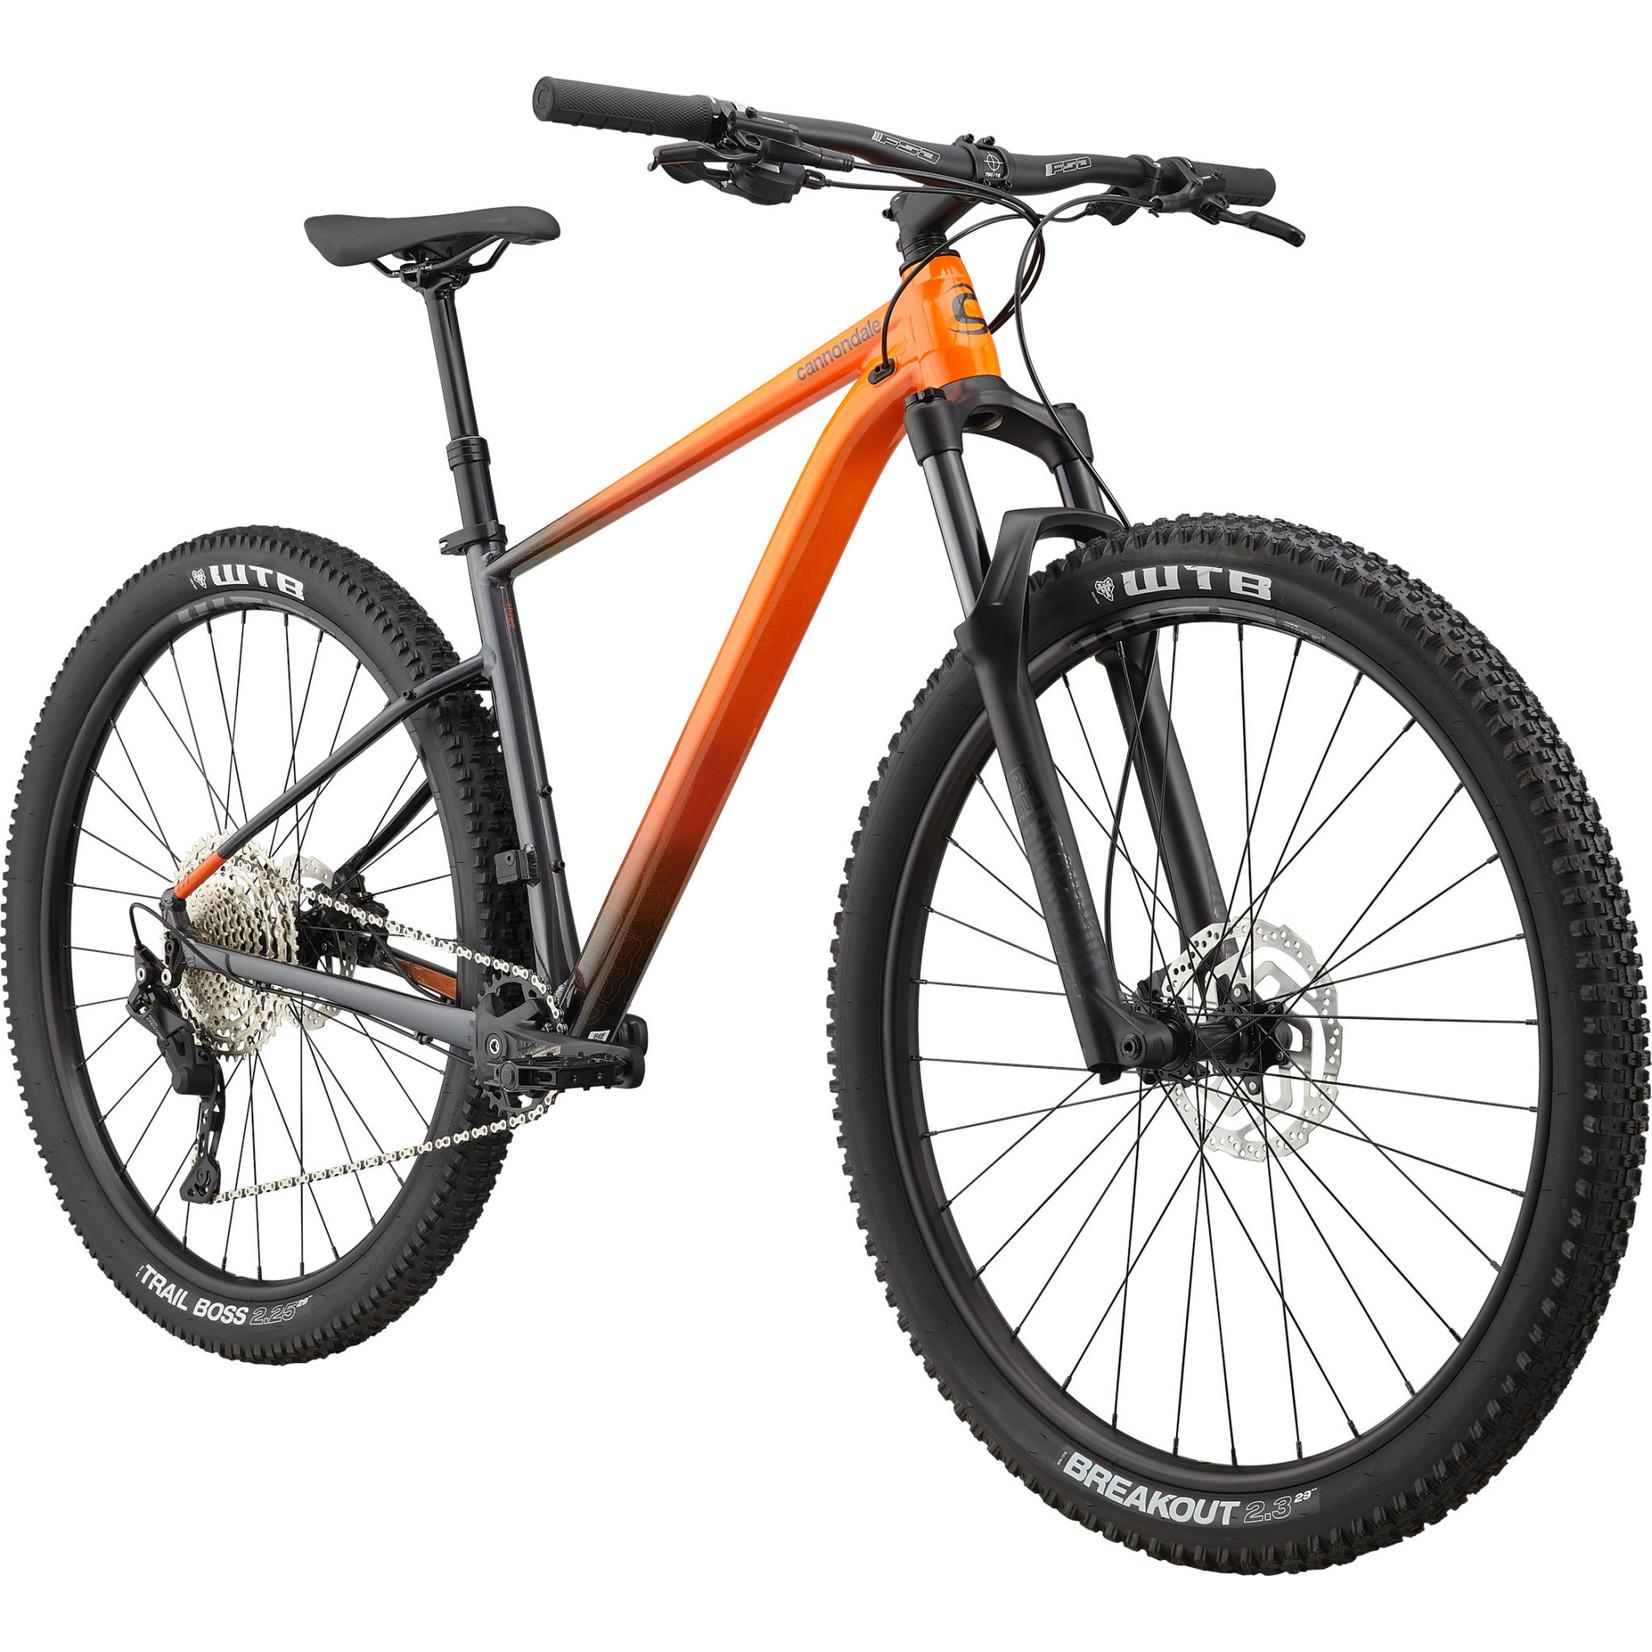 Cannondale Cannondale Trail SE 3 Orange XL